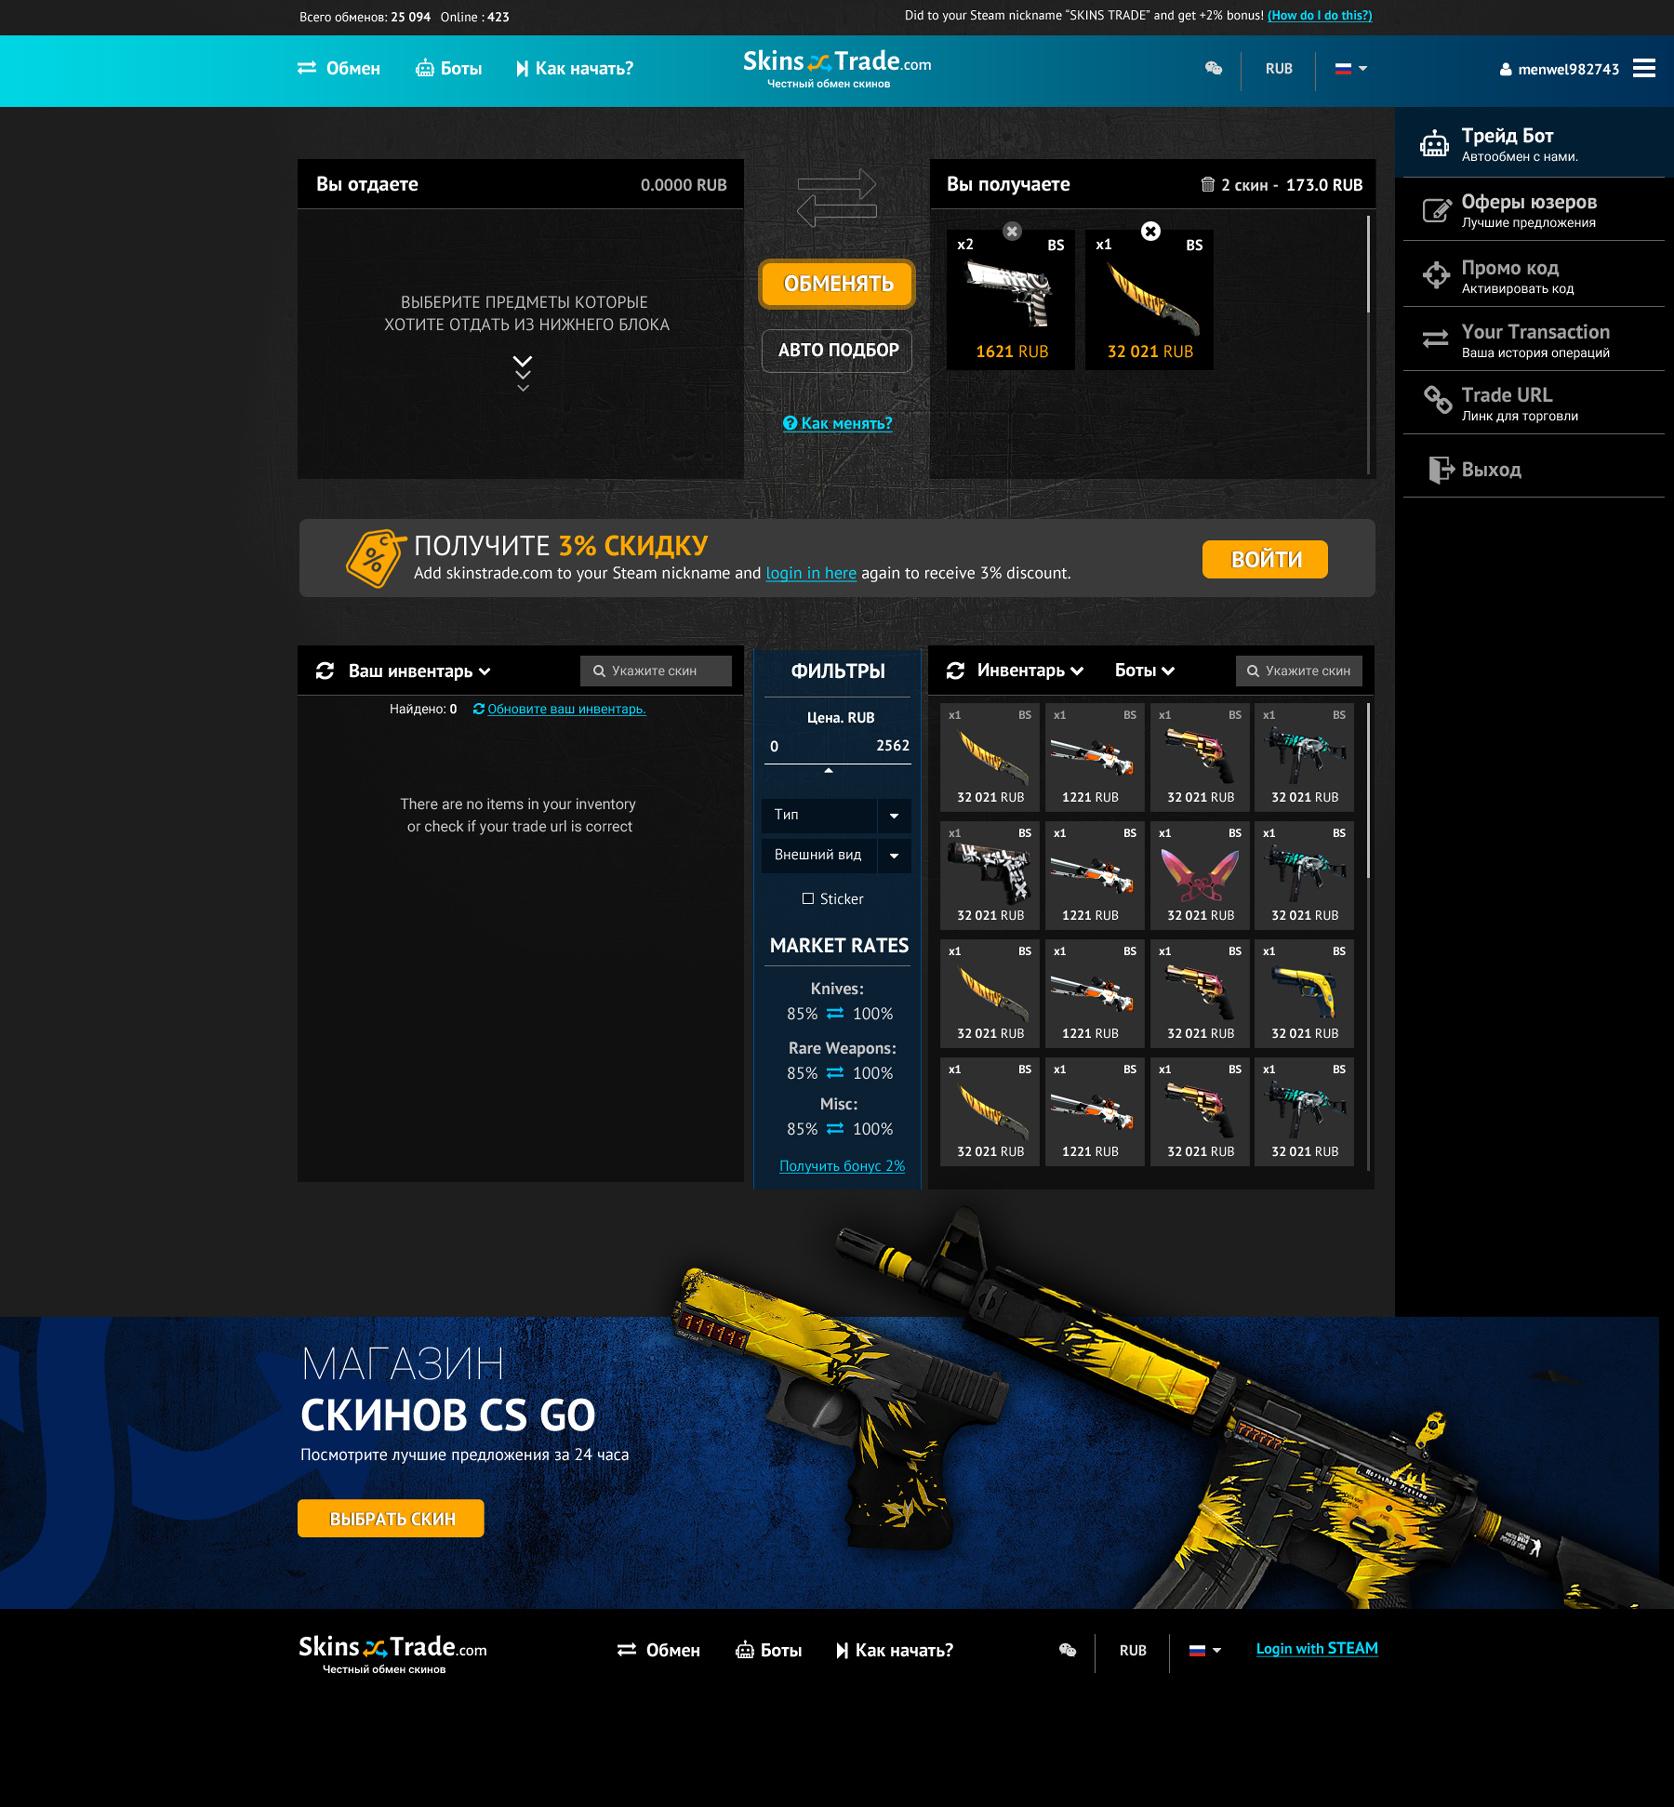 Дизайн игрового сайта CS:GO фото f_123596c542f324a8.jpg